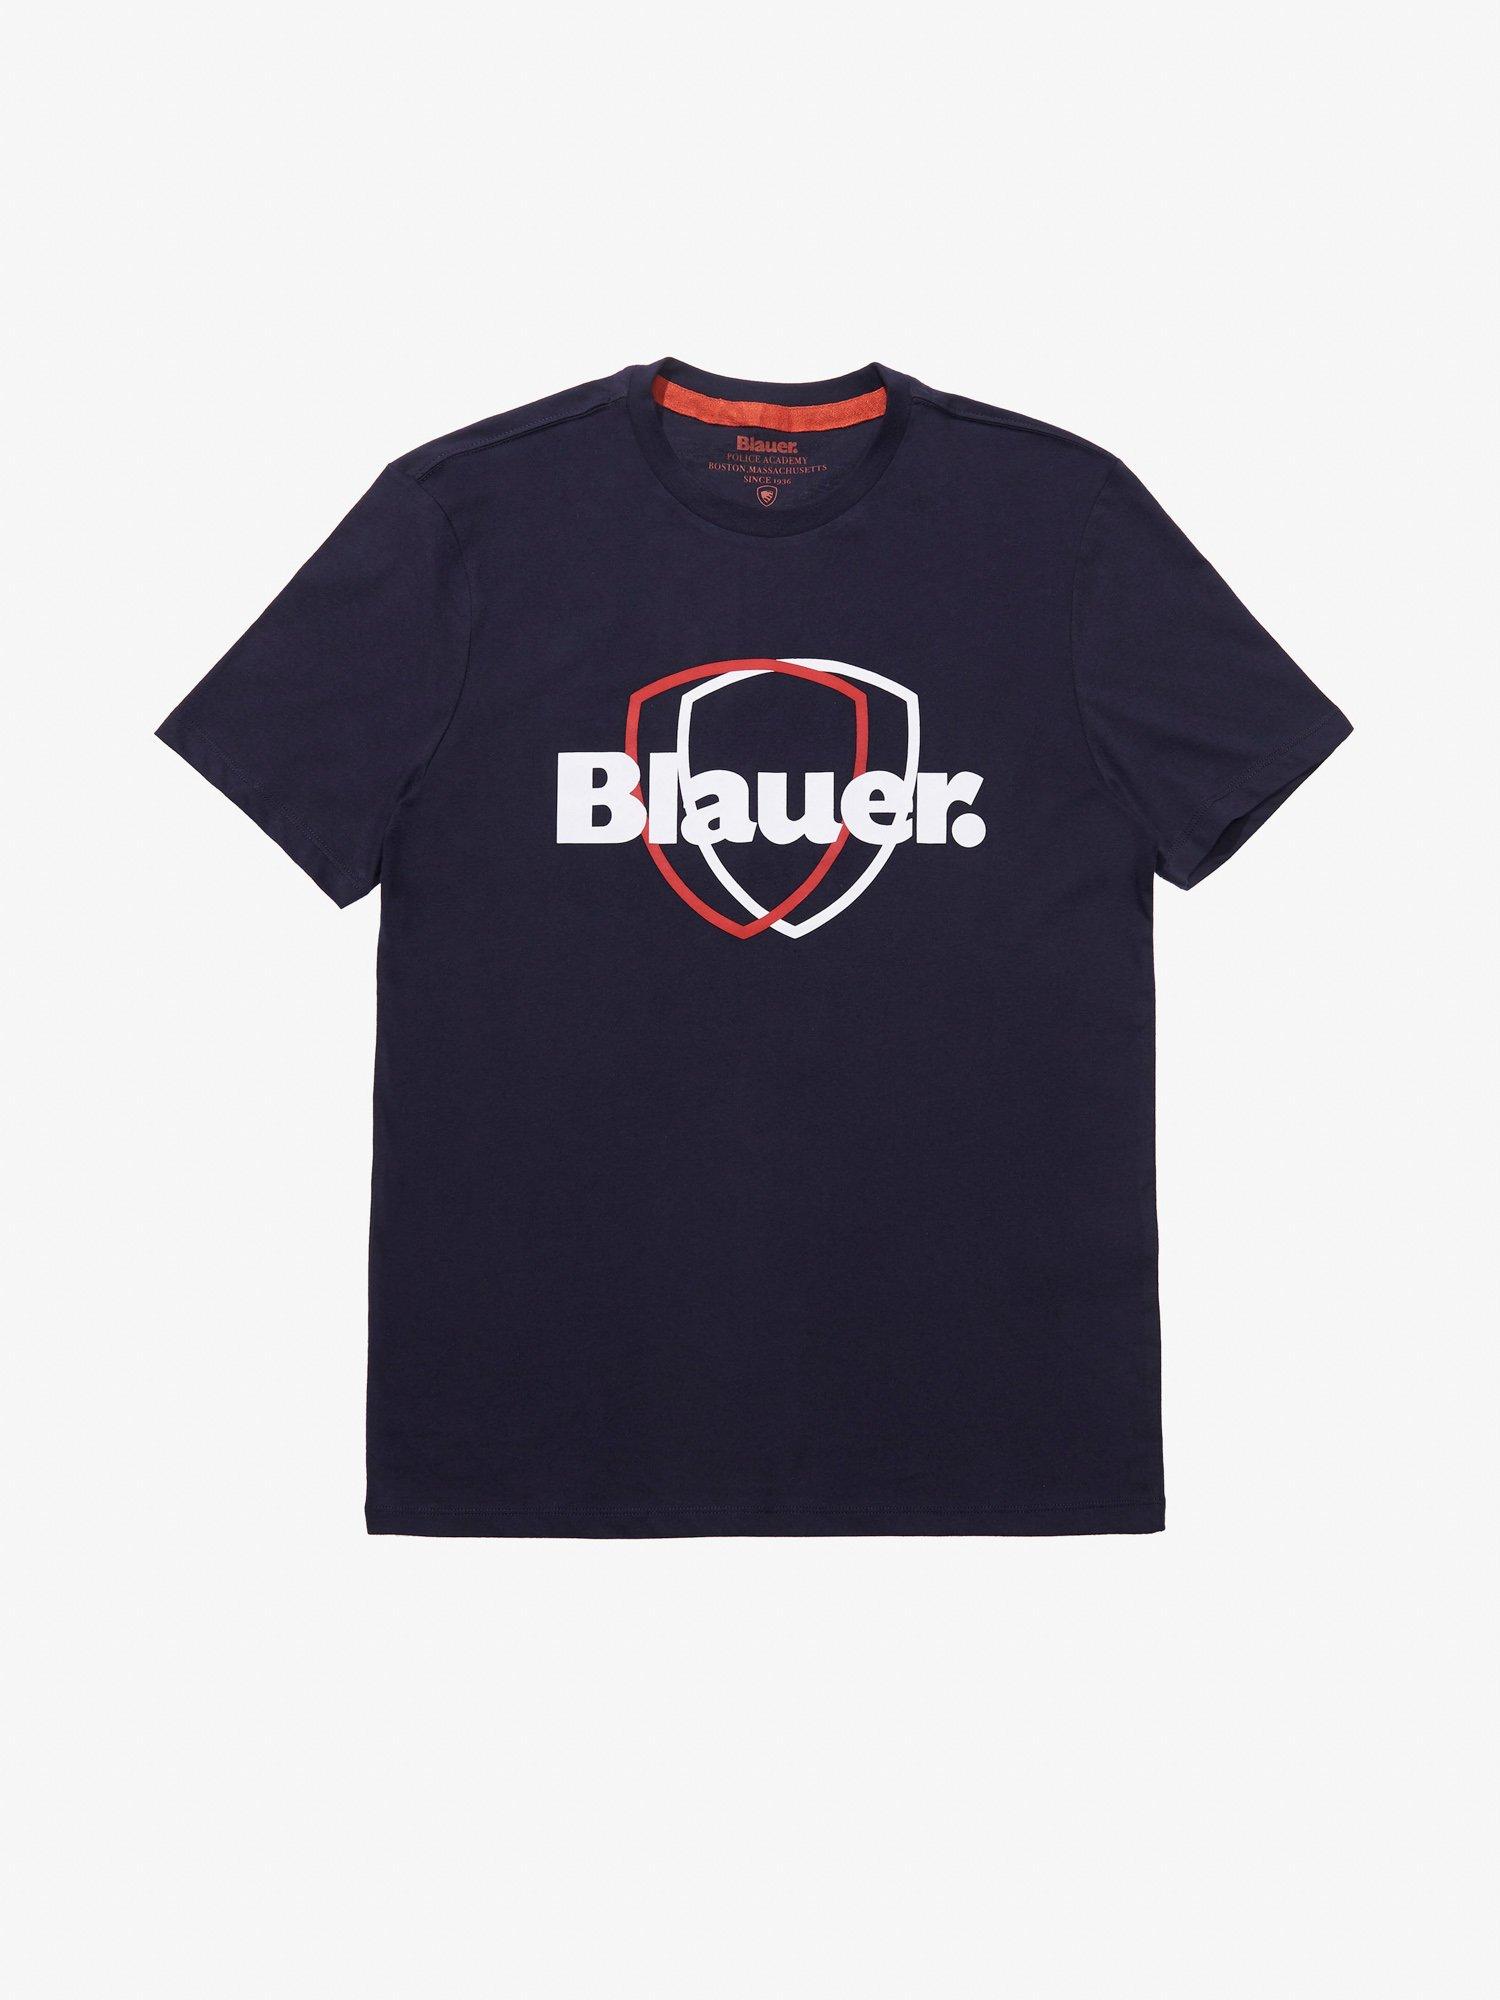 Blauer - T-SHIRT DOPPELSCHILD - Blauer